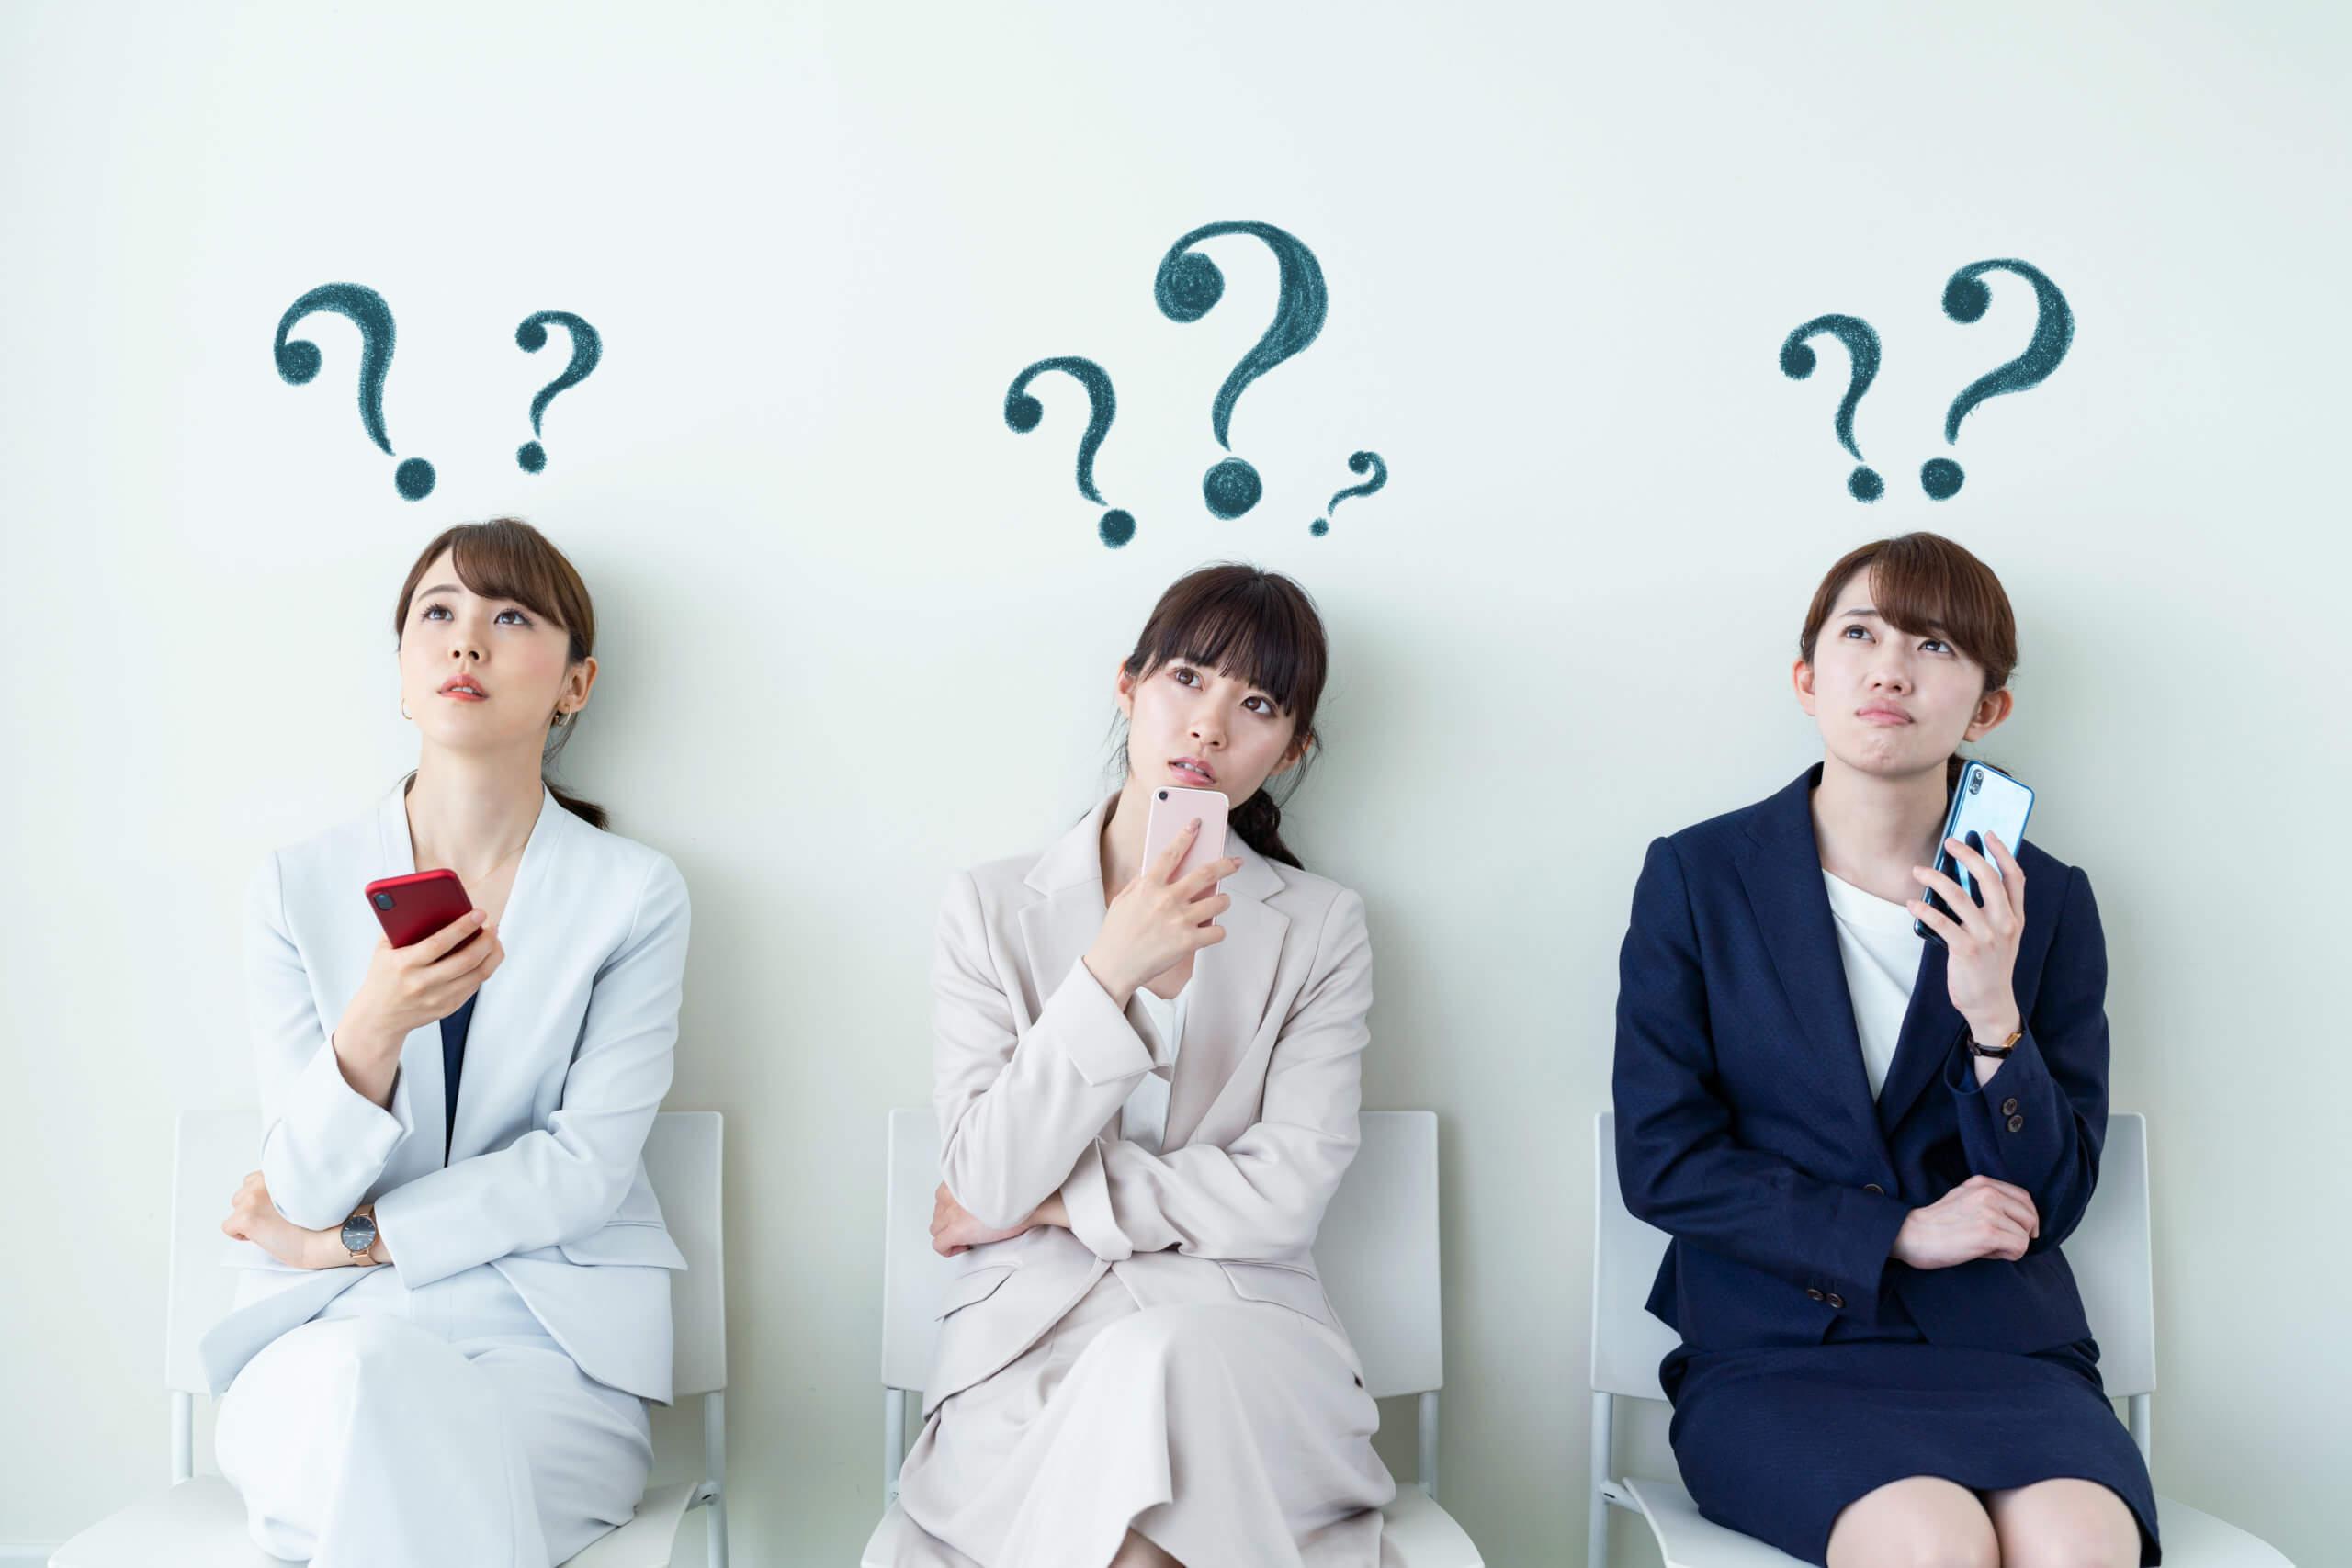 賢威の8 マニュアルに対しての質問の画像